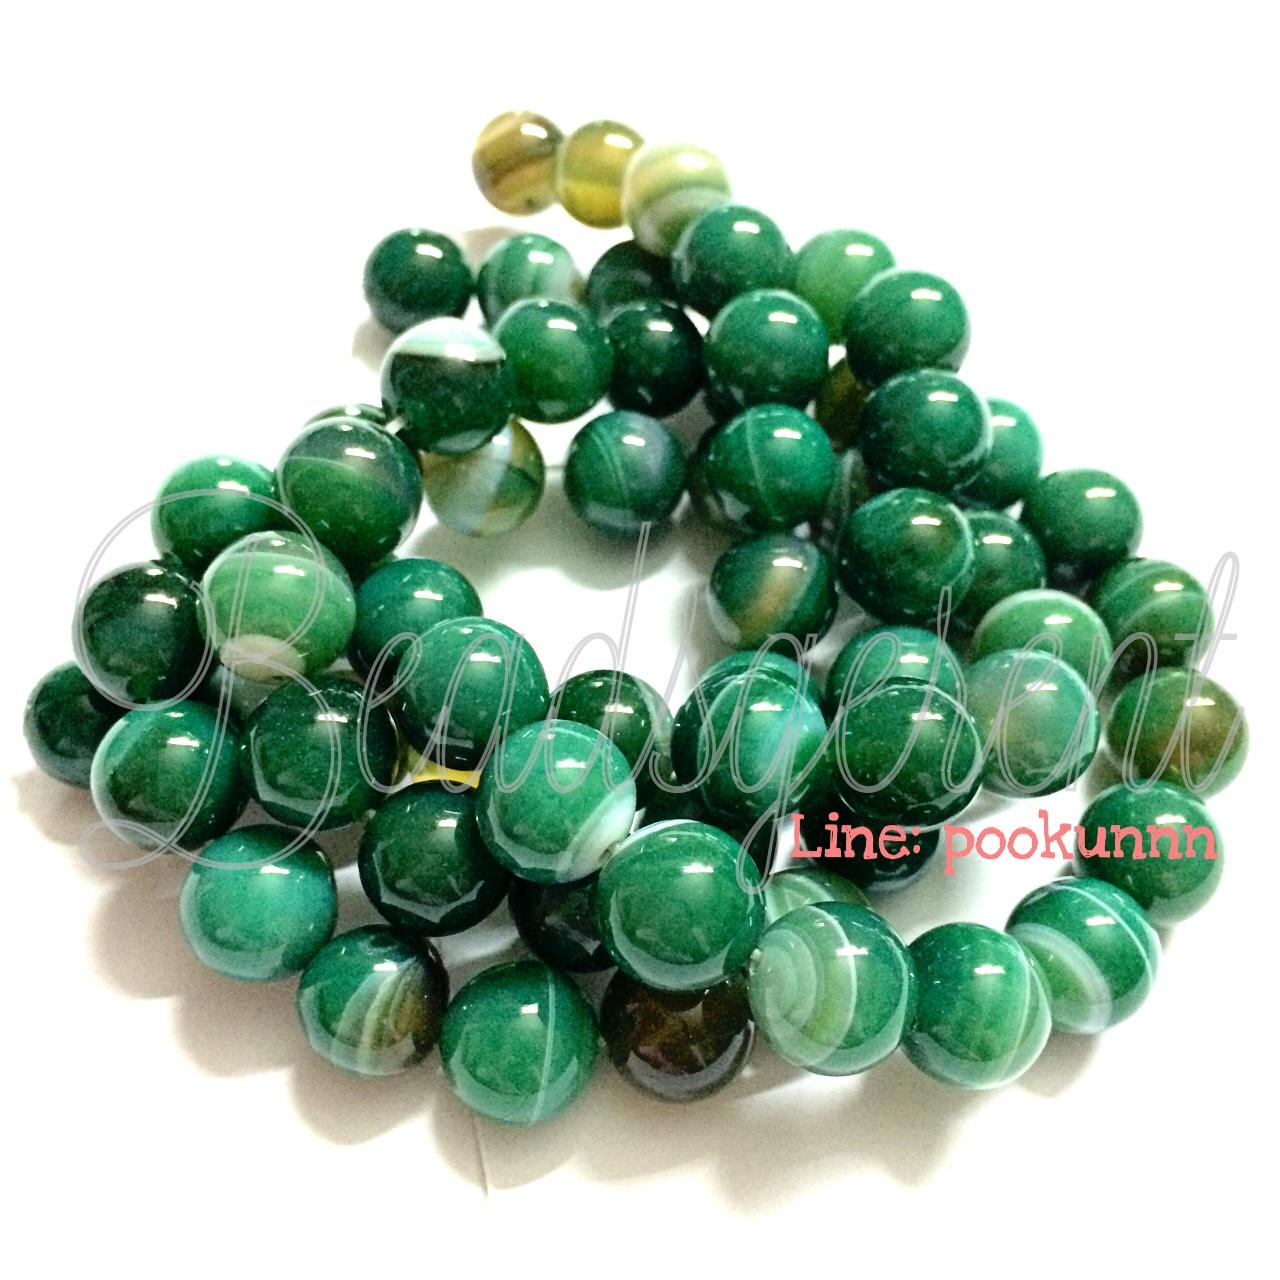 หิน green agate 12มิล (32 เม็ด)